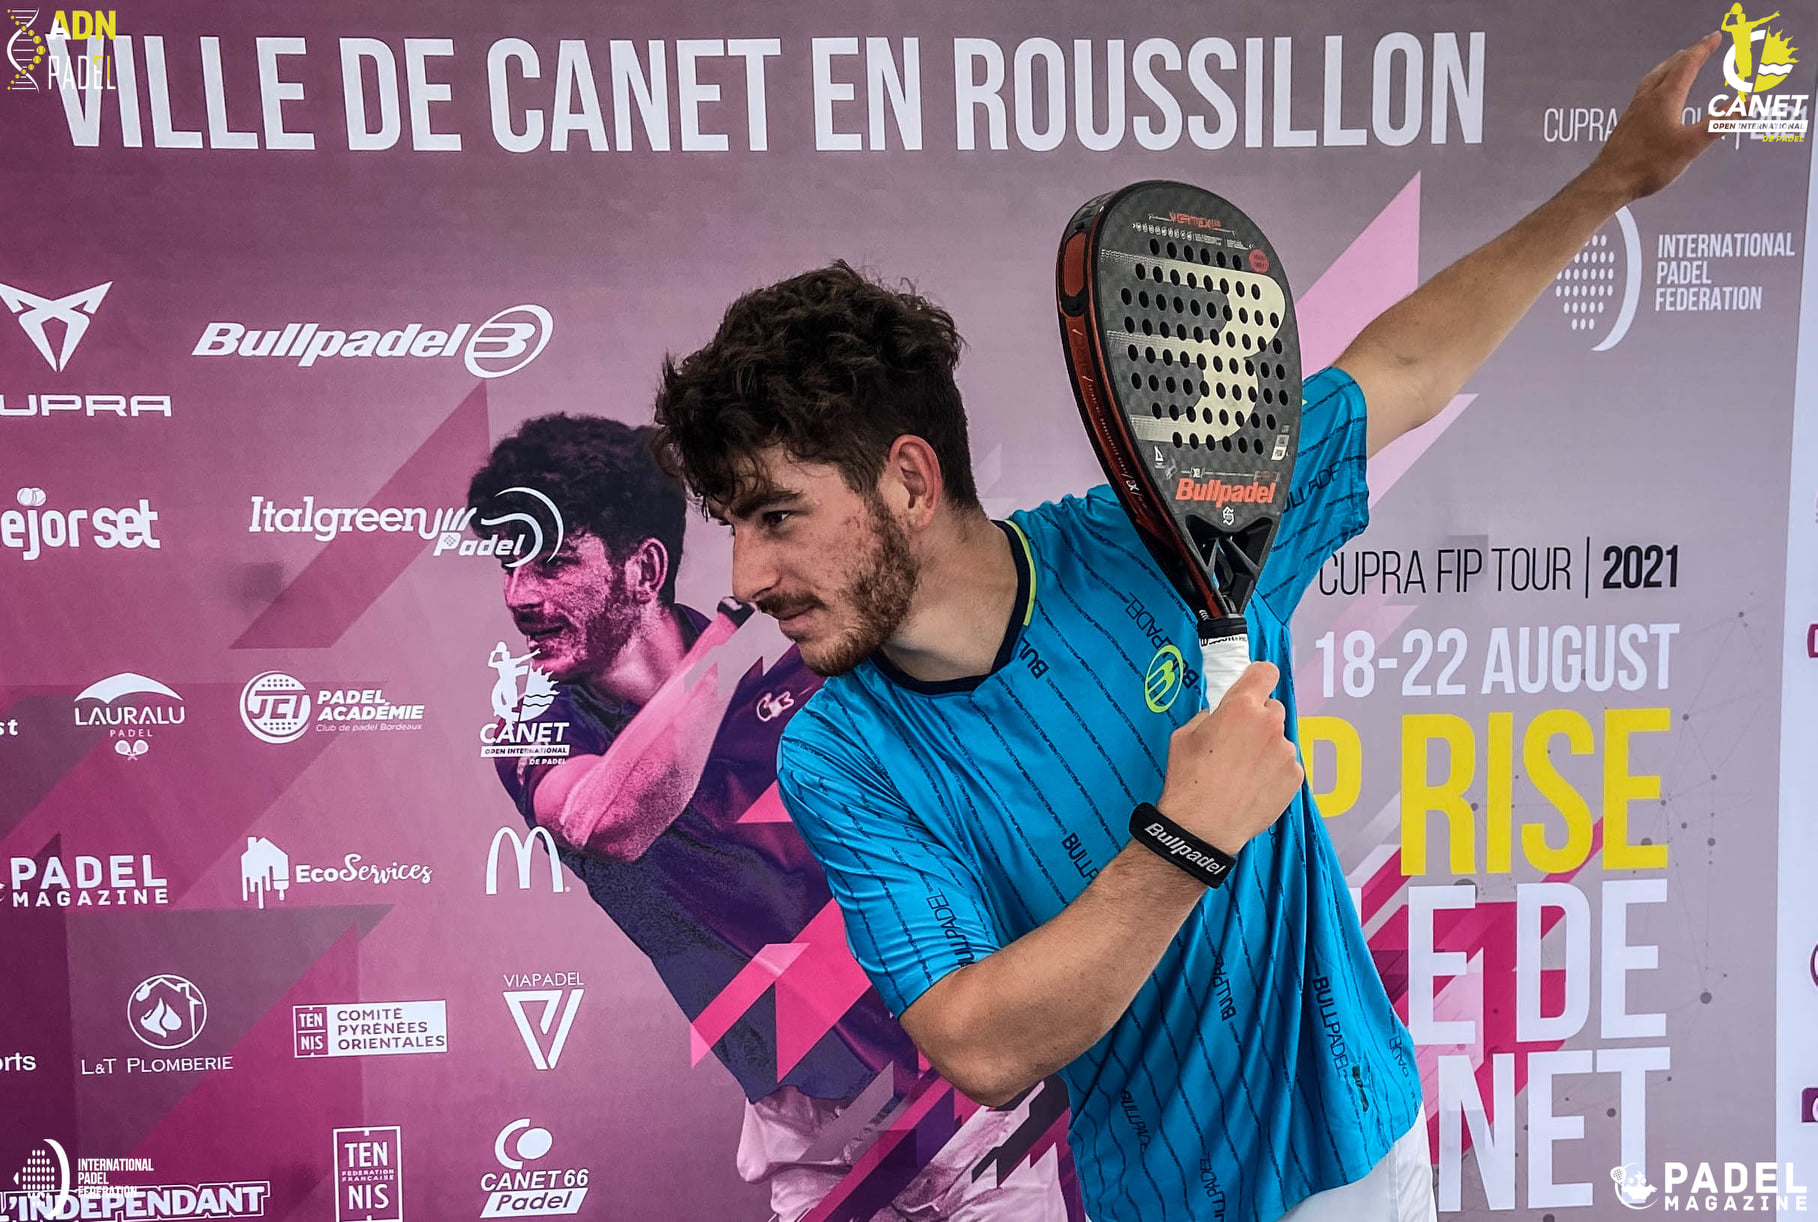 Thomas Leygue Canet en Roussillon 2021 affiche